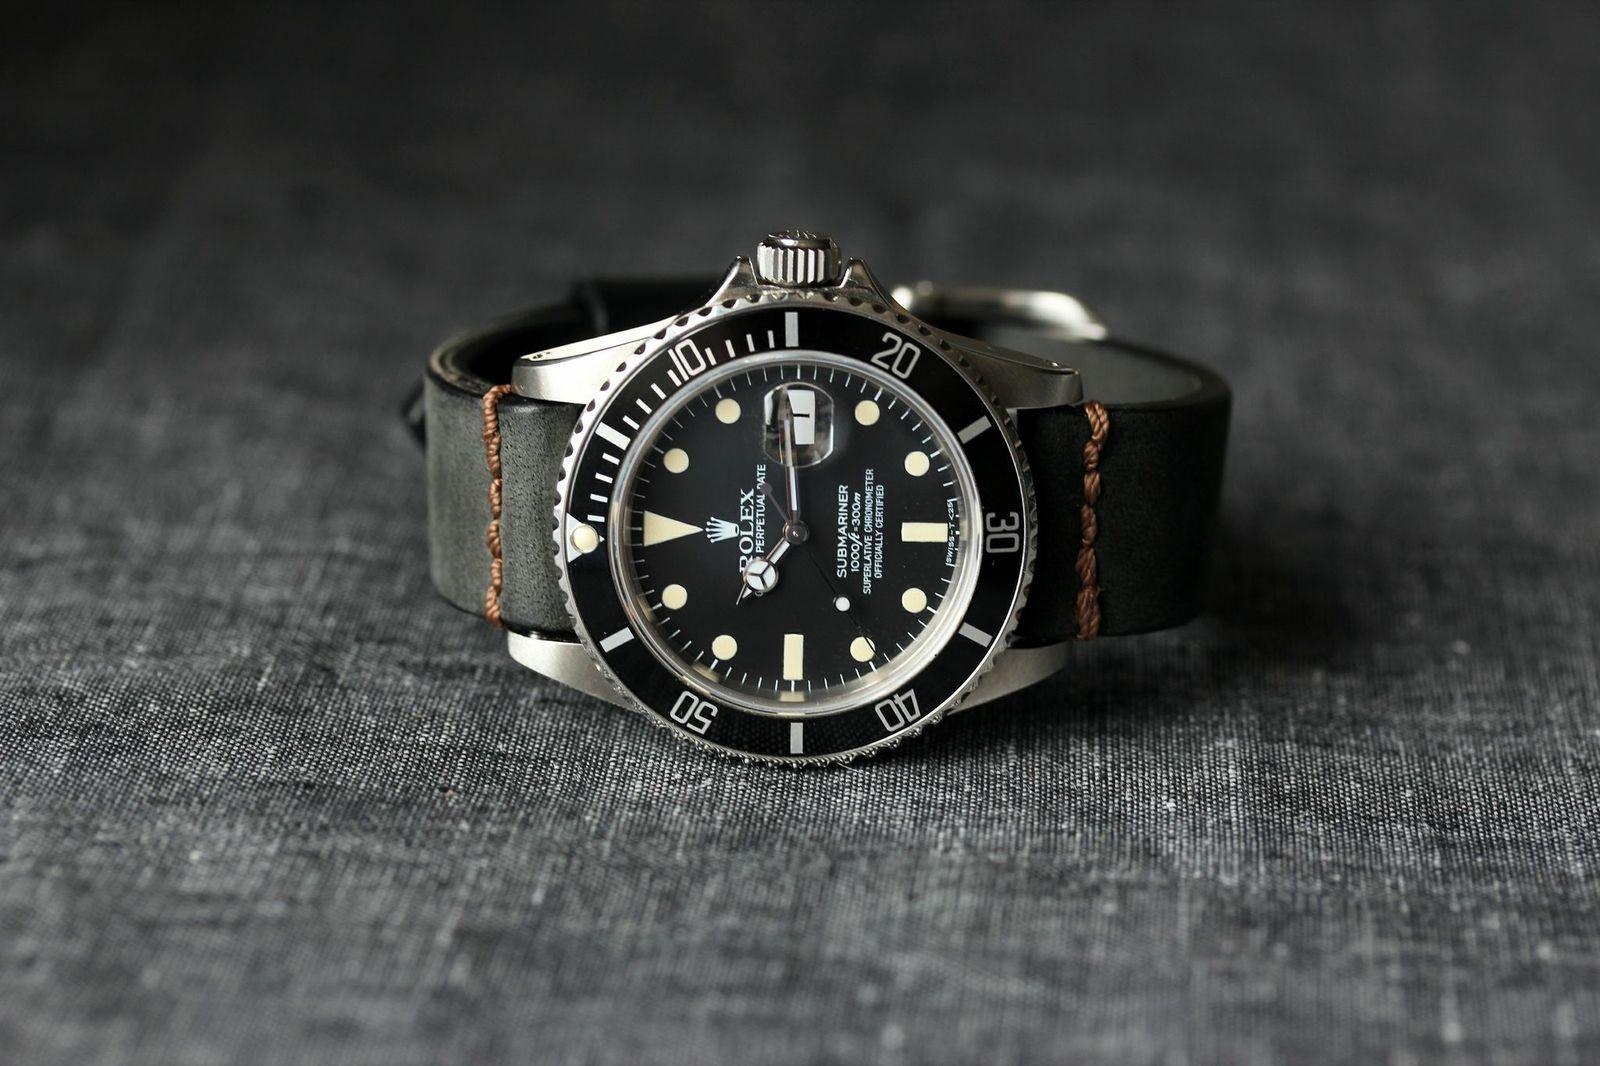 Rolex Submariner 1680 replica